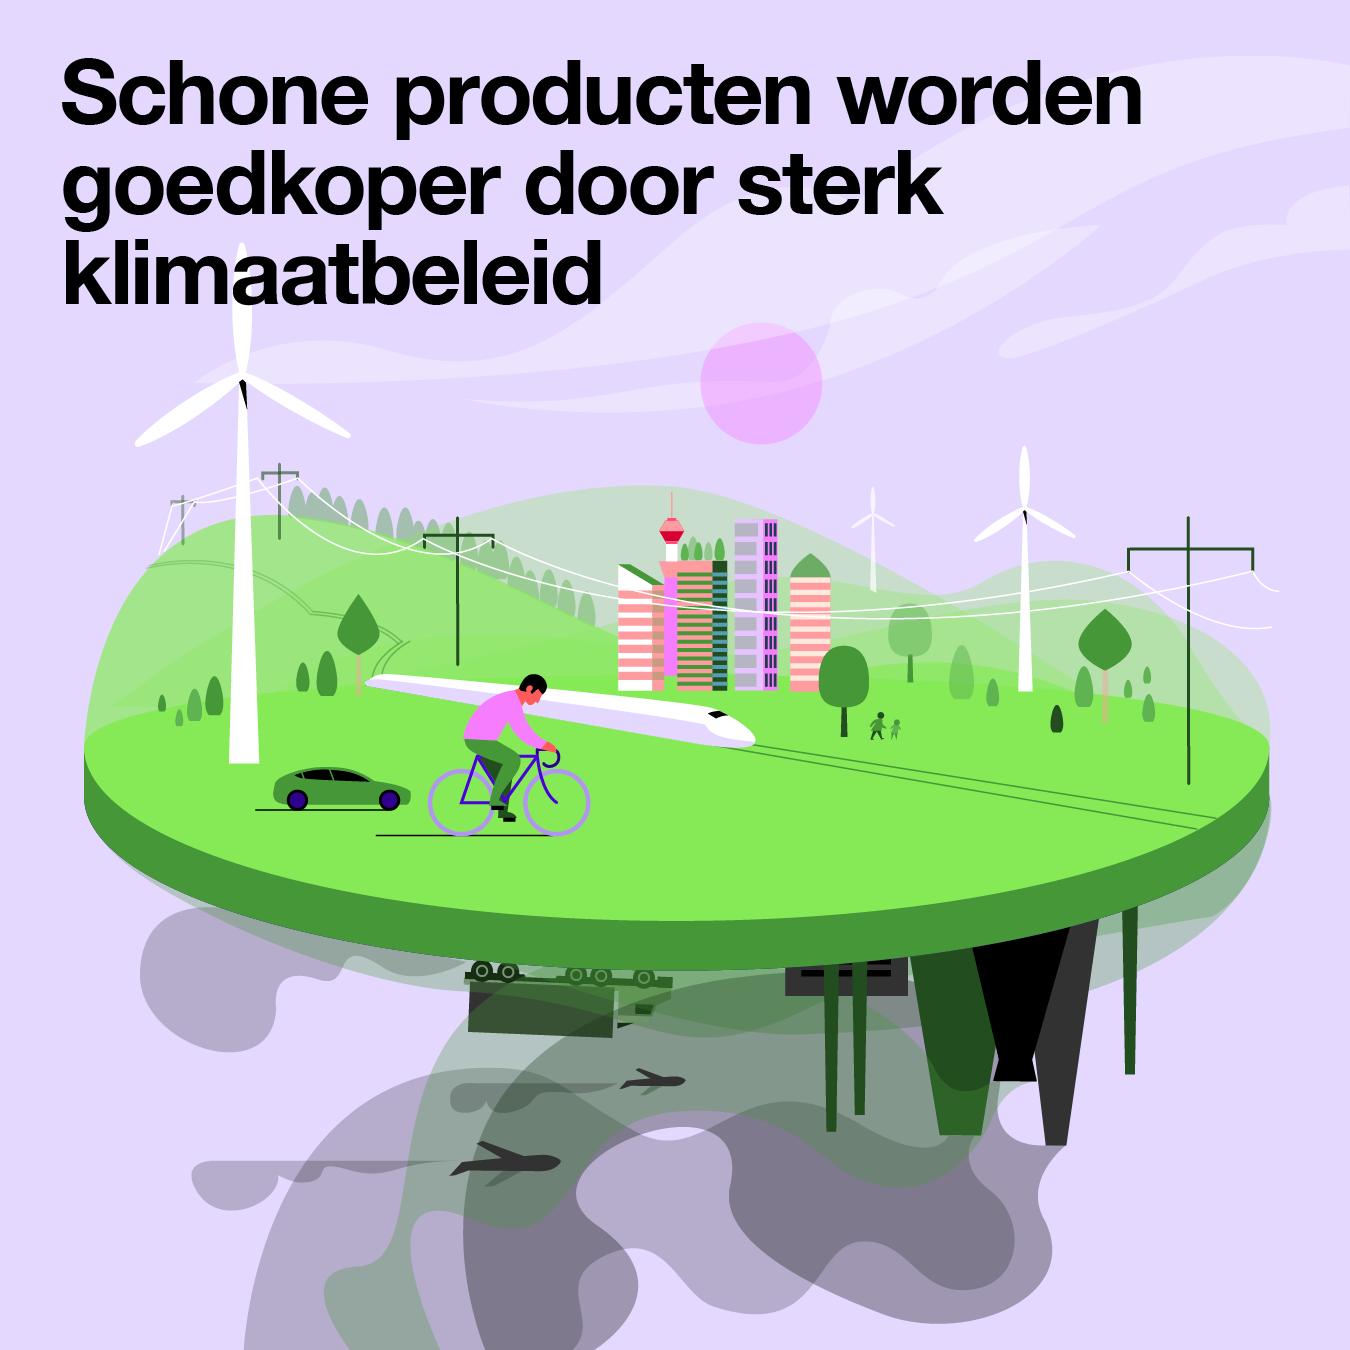 Schone producten worden goedkoper door sterk klimaatbeleid